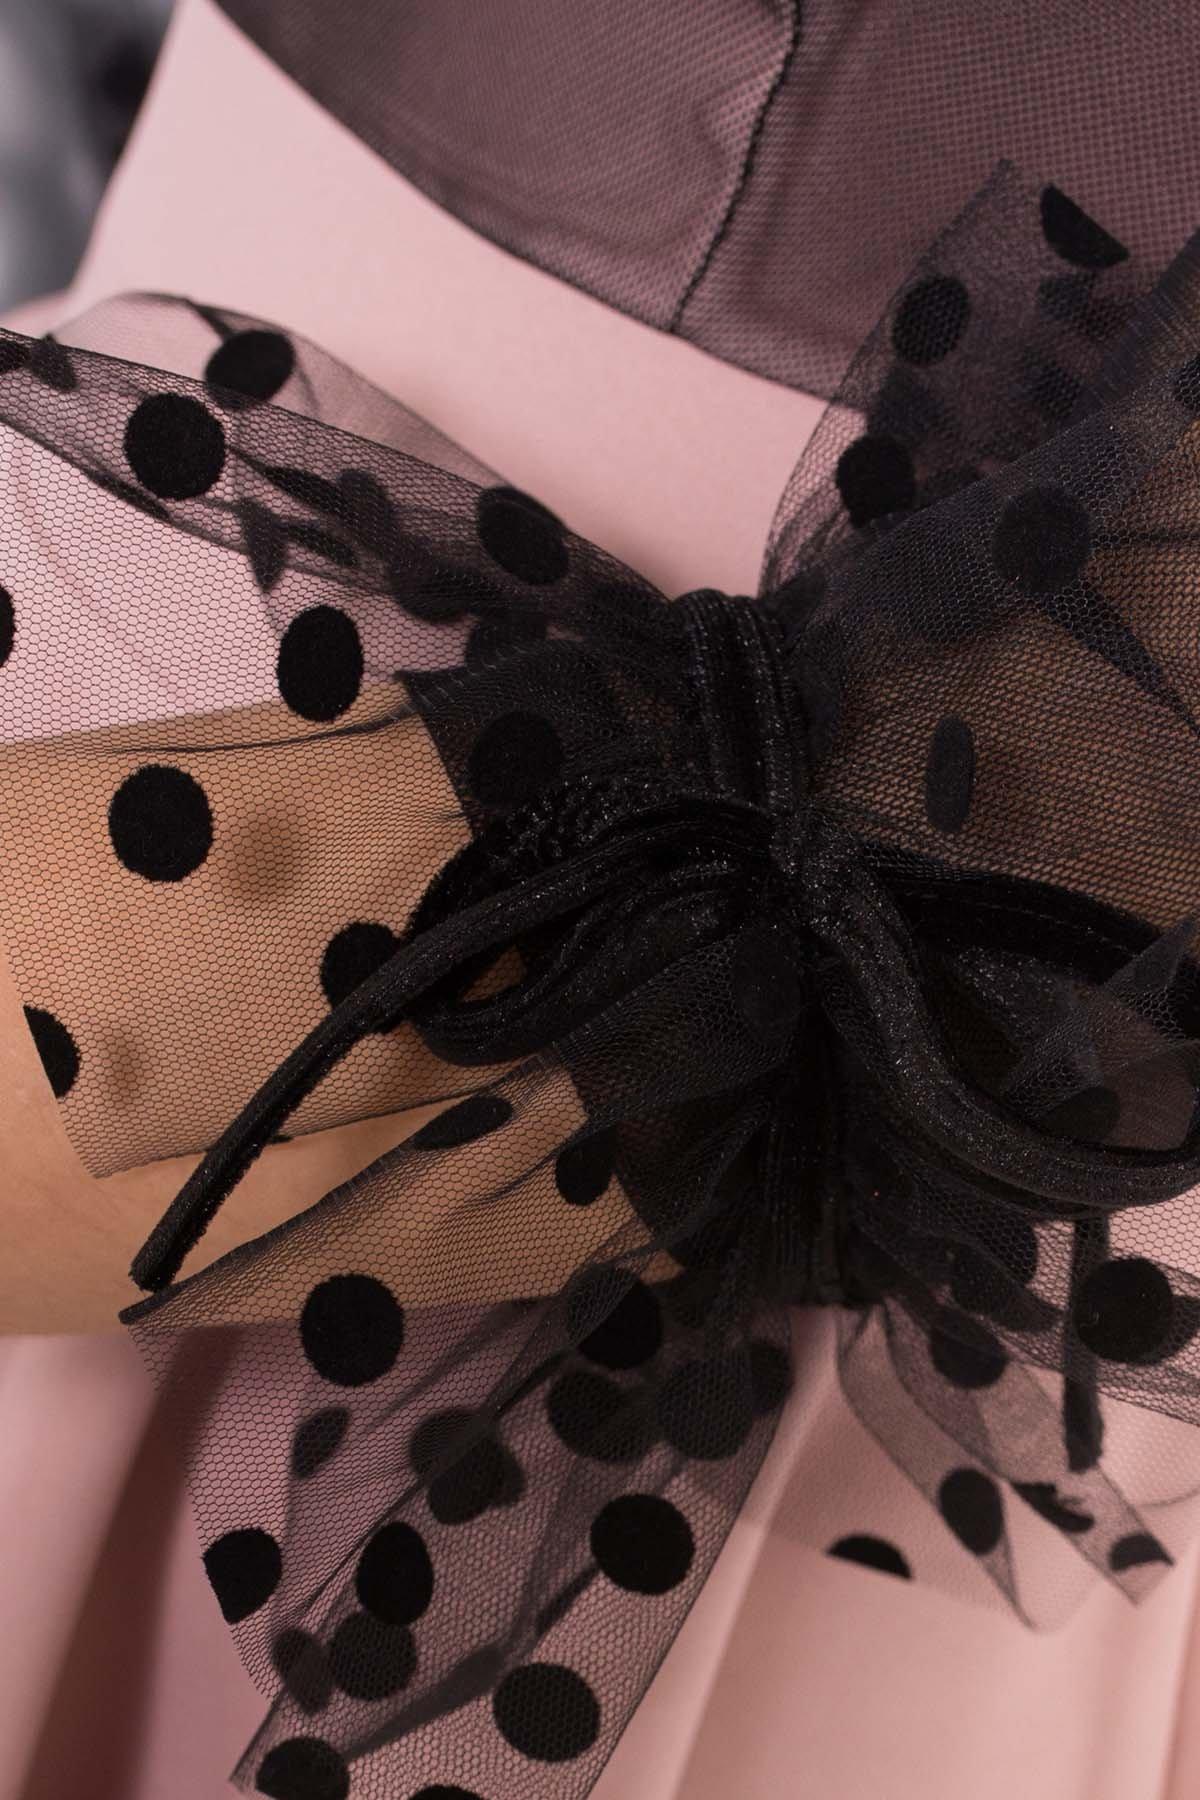 Нарядное платье Адриана 6022 АРТ. 45120 Цвет: Пудра/Черный - фото 3, интернет магазин tm-modus.ru